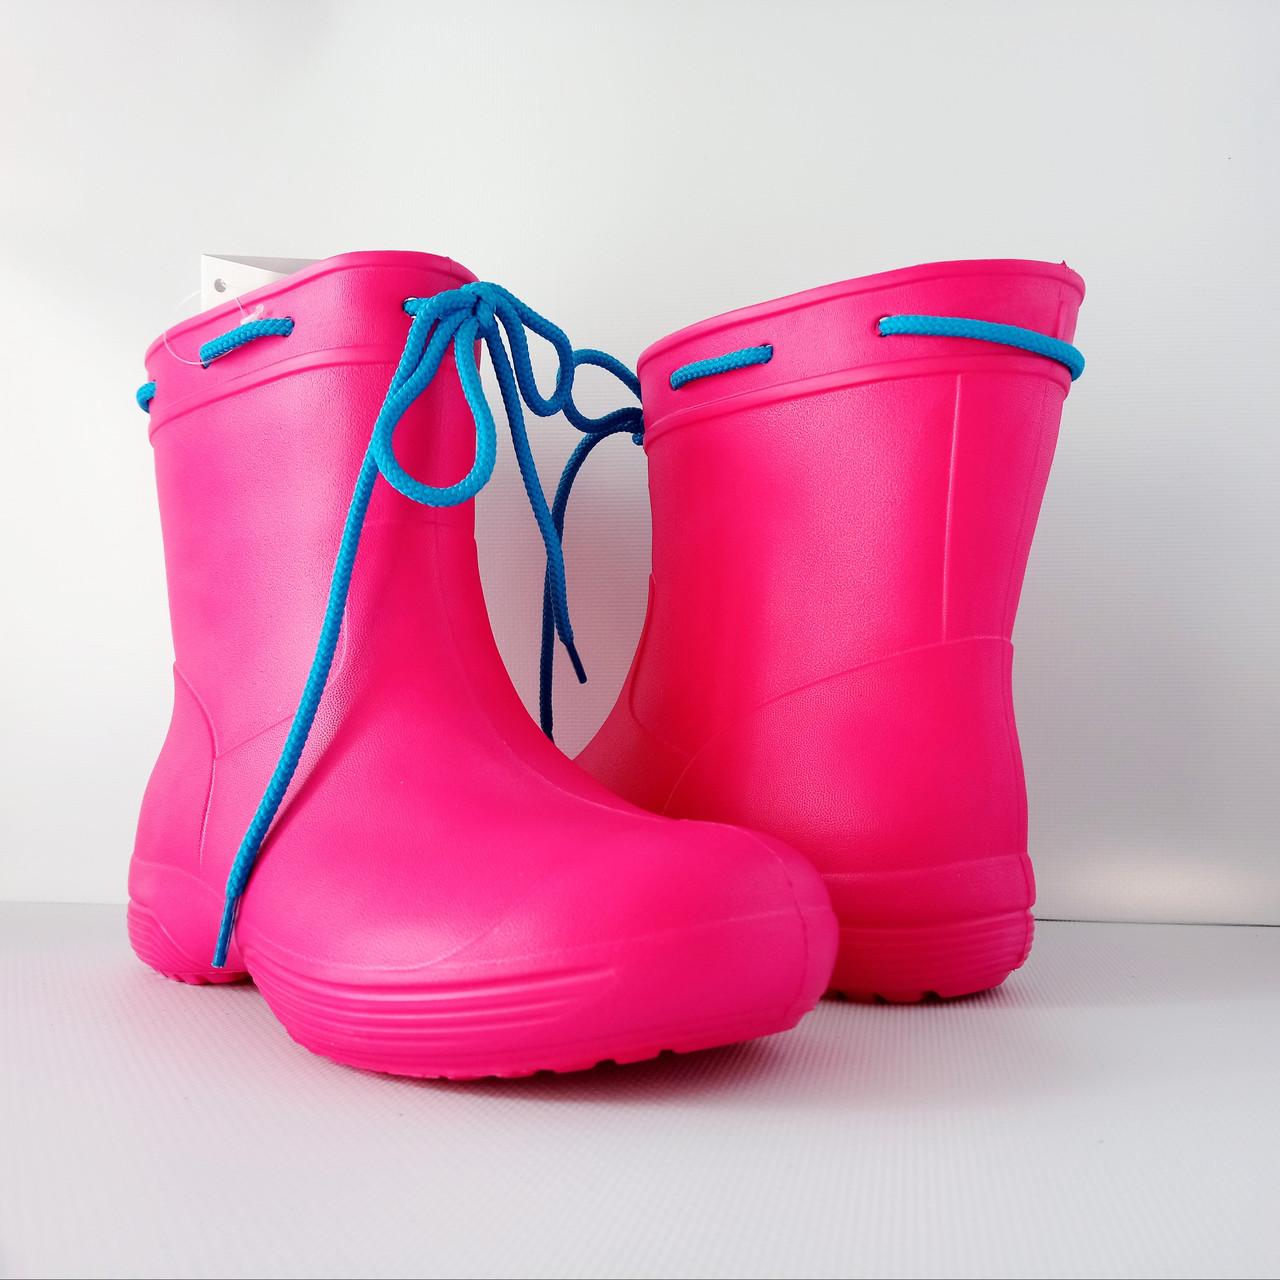 Розовые сапоги из пены ЭВА на слякоть и дождь р. 37, 39, 40, 41 Резиновые сапоги. Аналог Crocs